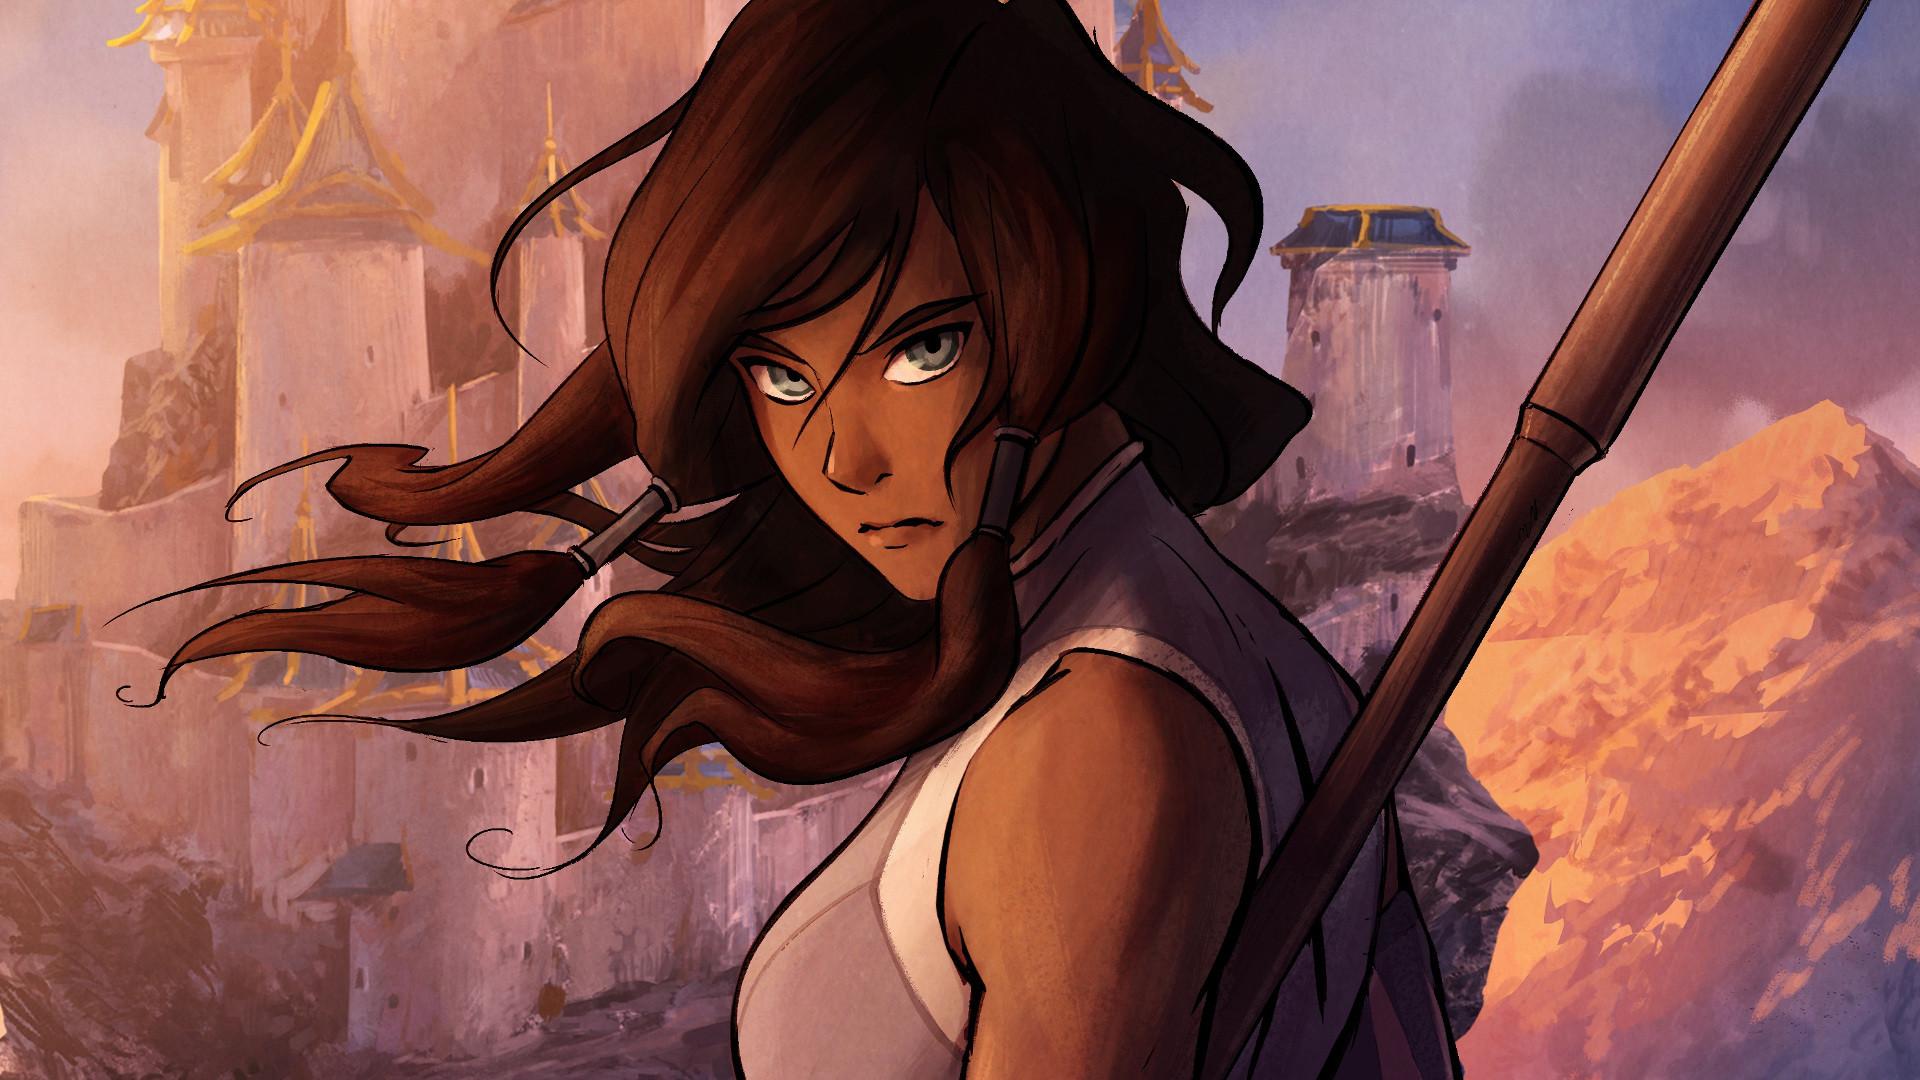 Anime Avatar: The Legend Of Korra Wallpaper